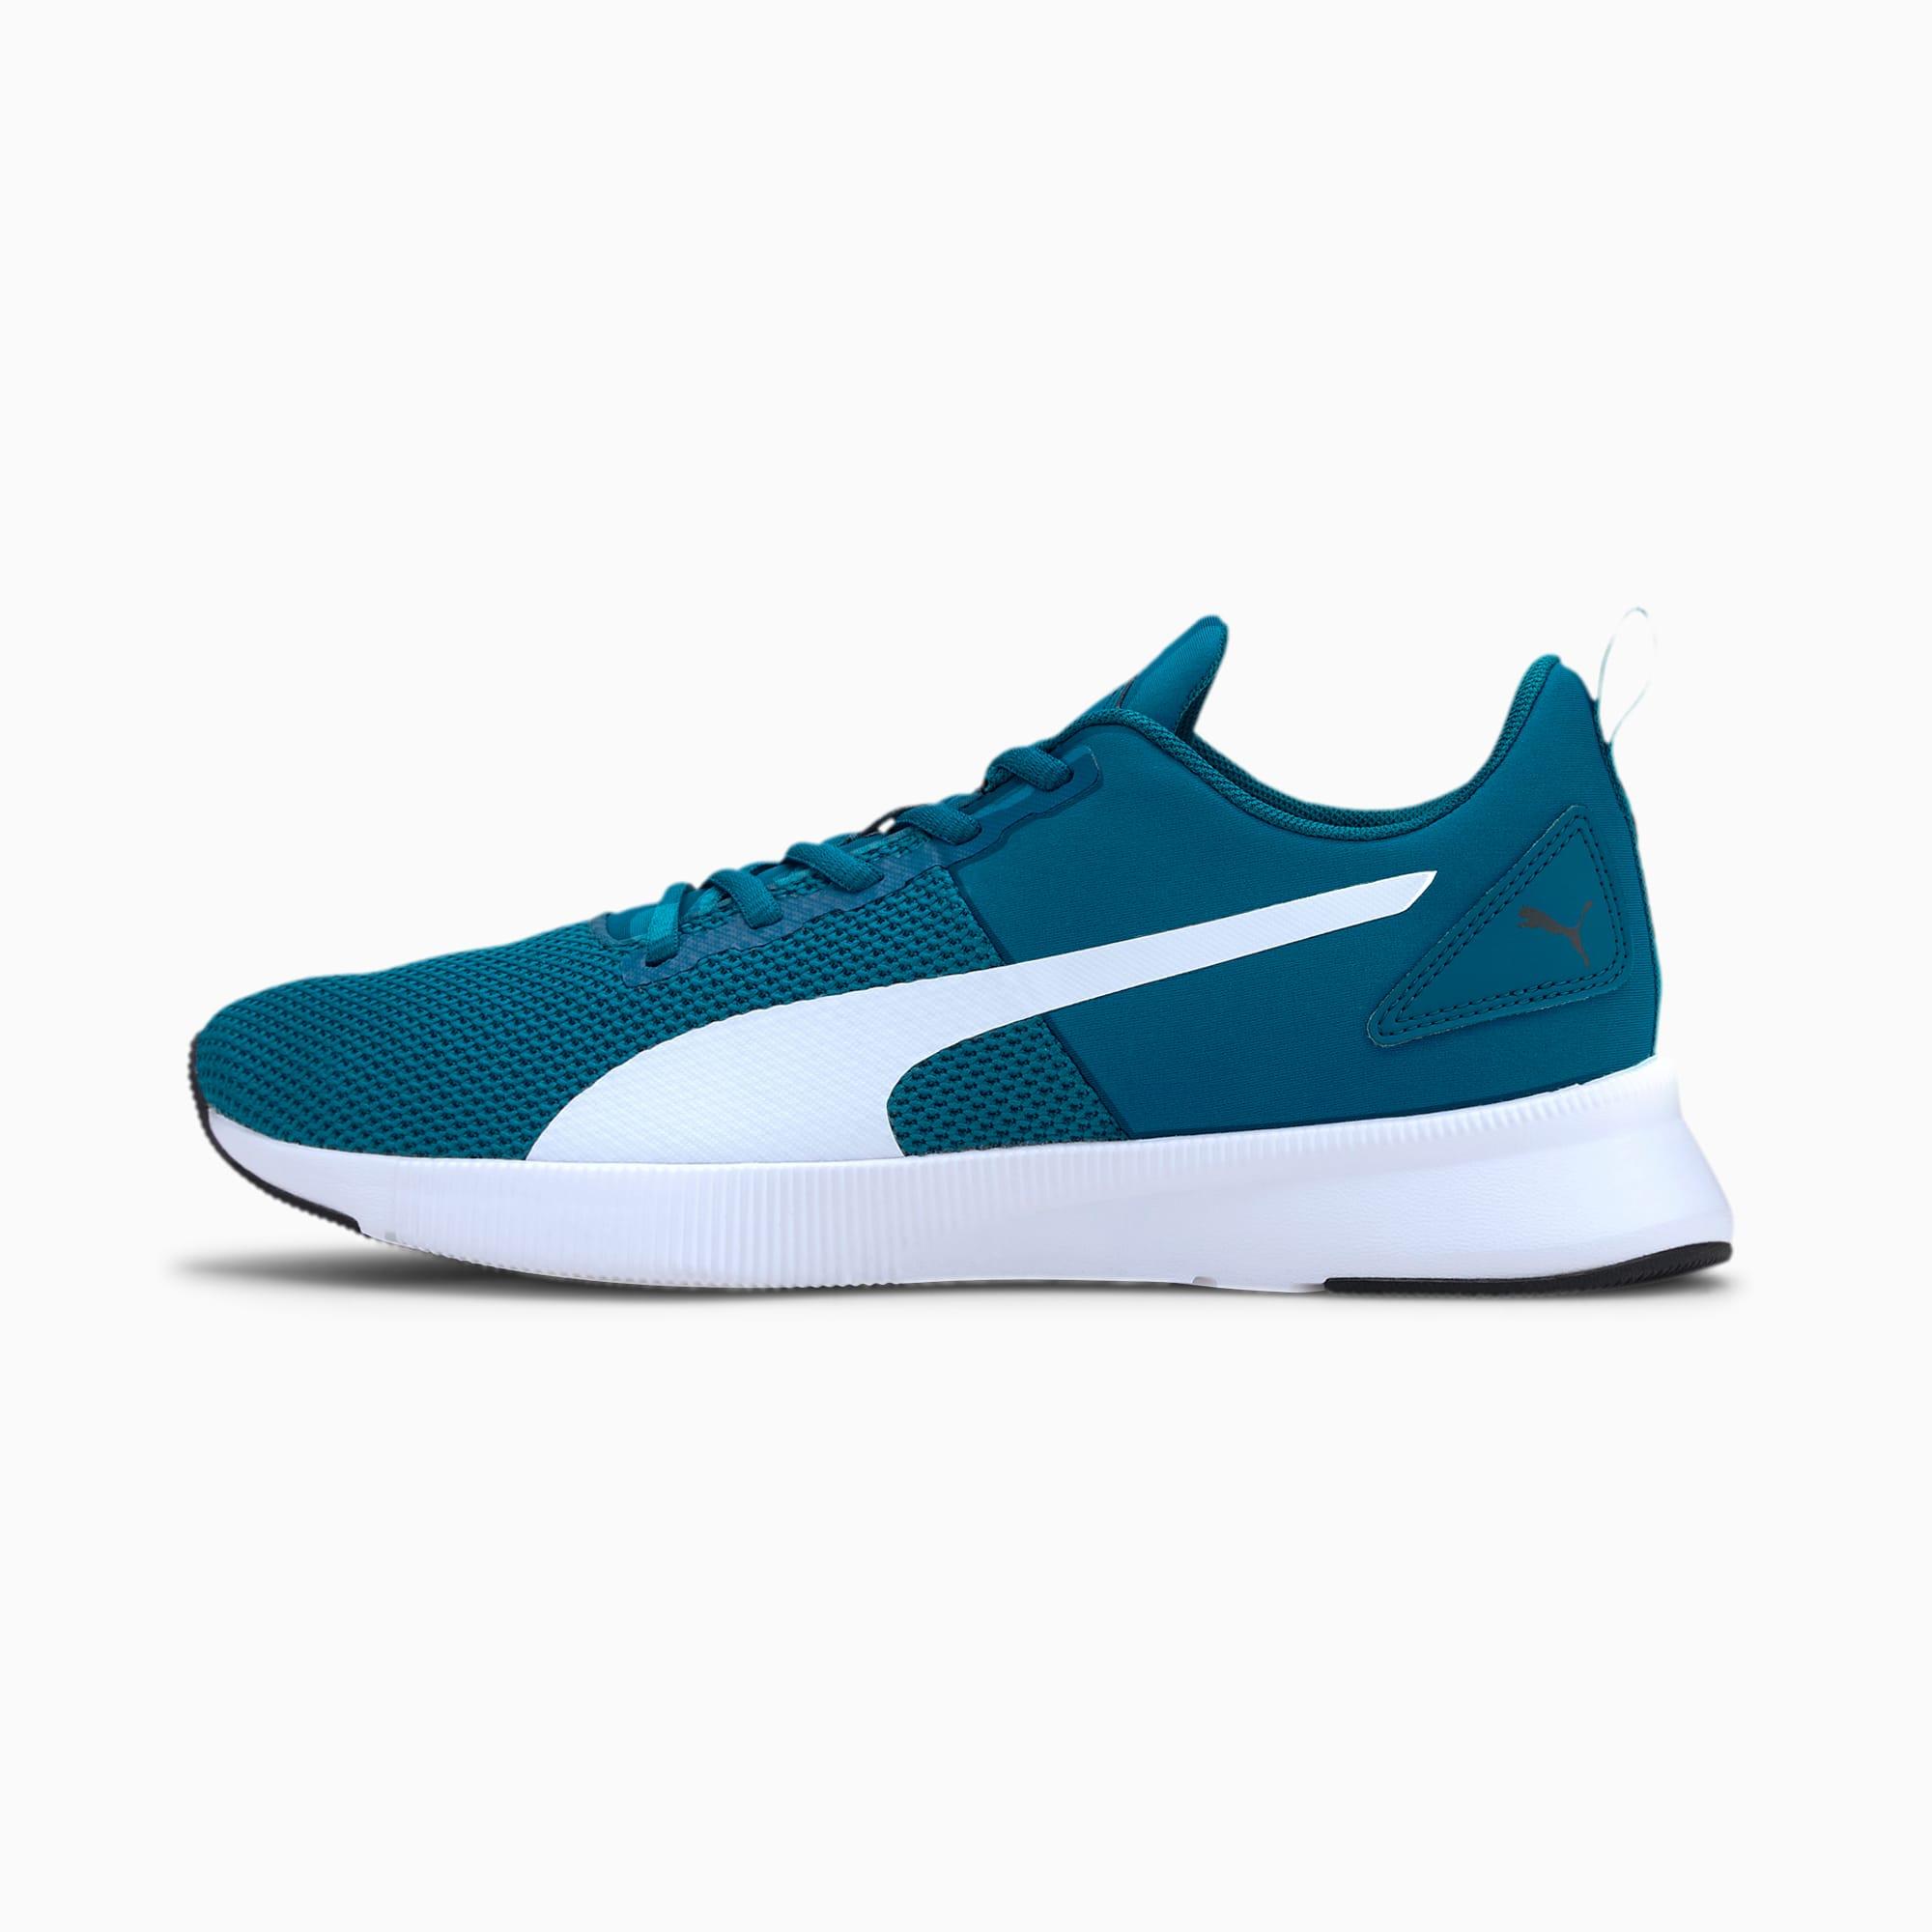 PUMA Chaussure de course Flyer Runner, Blanc/Bleu, Taille 36, Chaussures